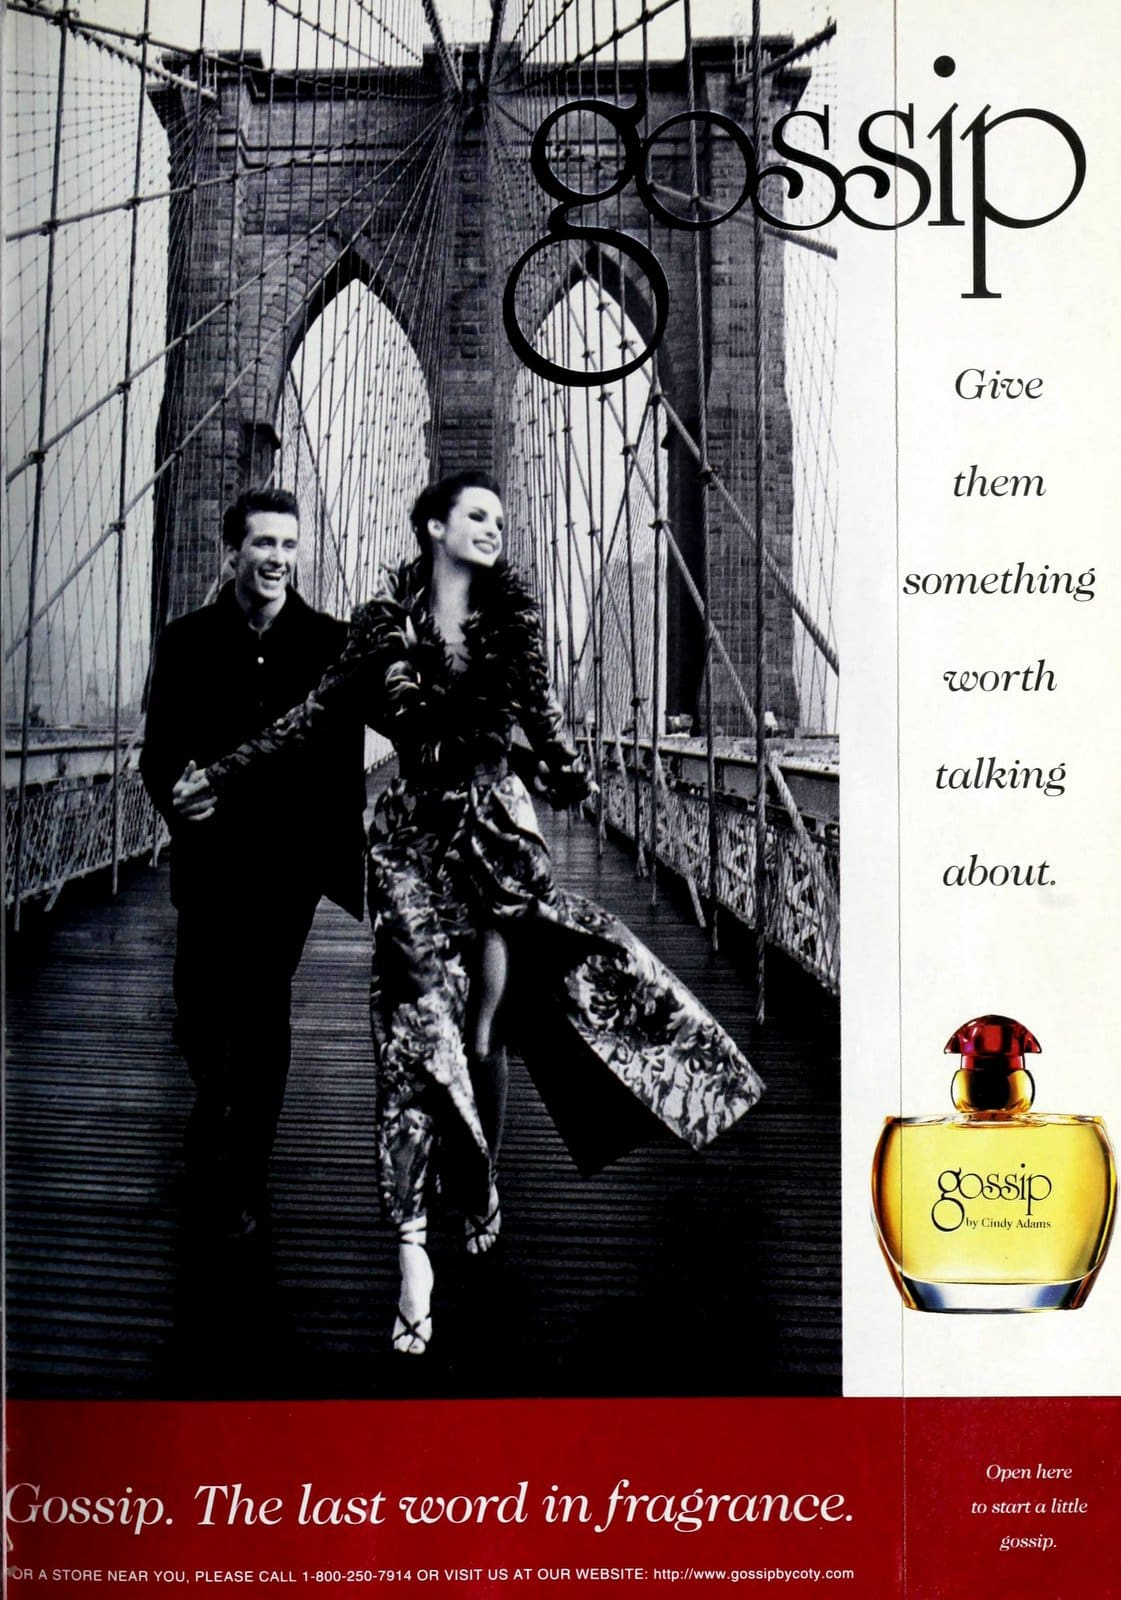 Gossip fragrance by Cindy Adams (1998) at ClickAmericana.com